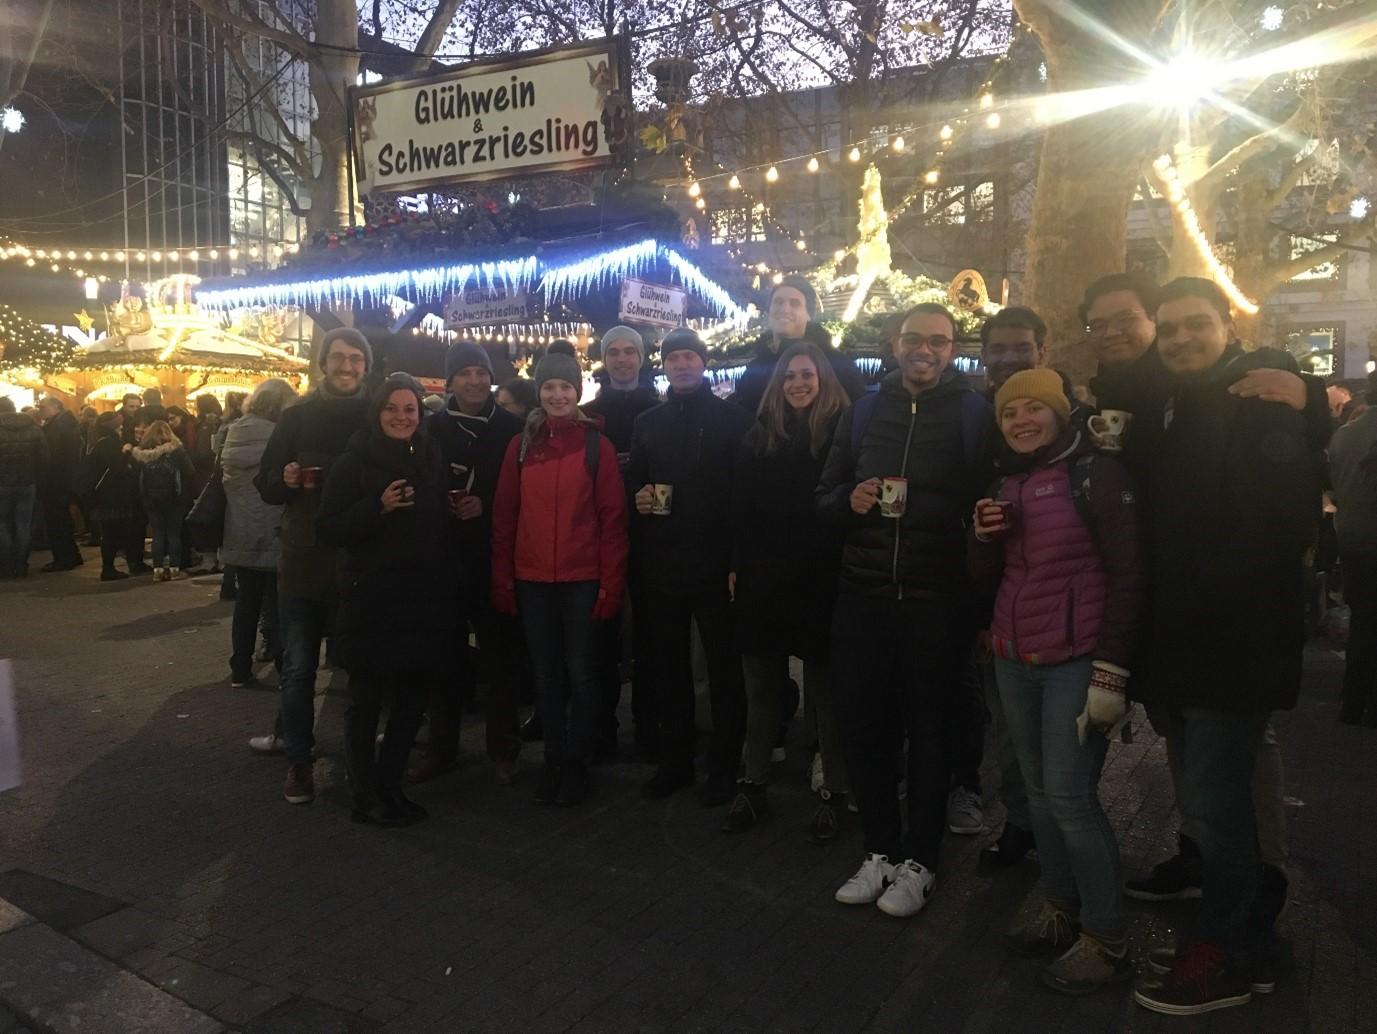 Yoga berfoto bersama kolega satu timnya di depan pasar natal (Weihnachtsmarkt) Stuttgart, sebelum pandemi Covid-19